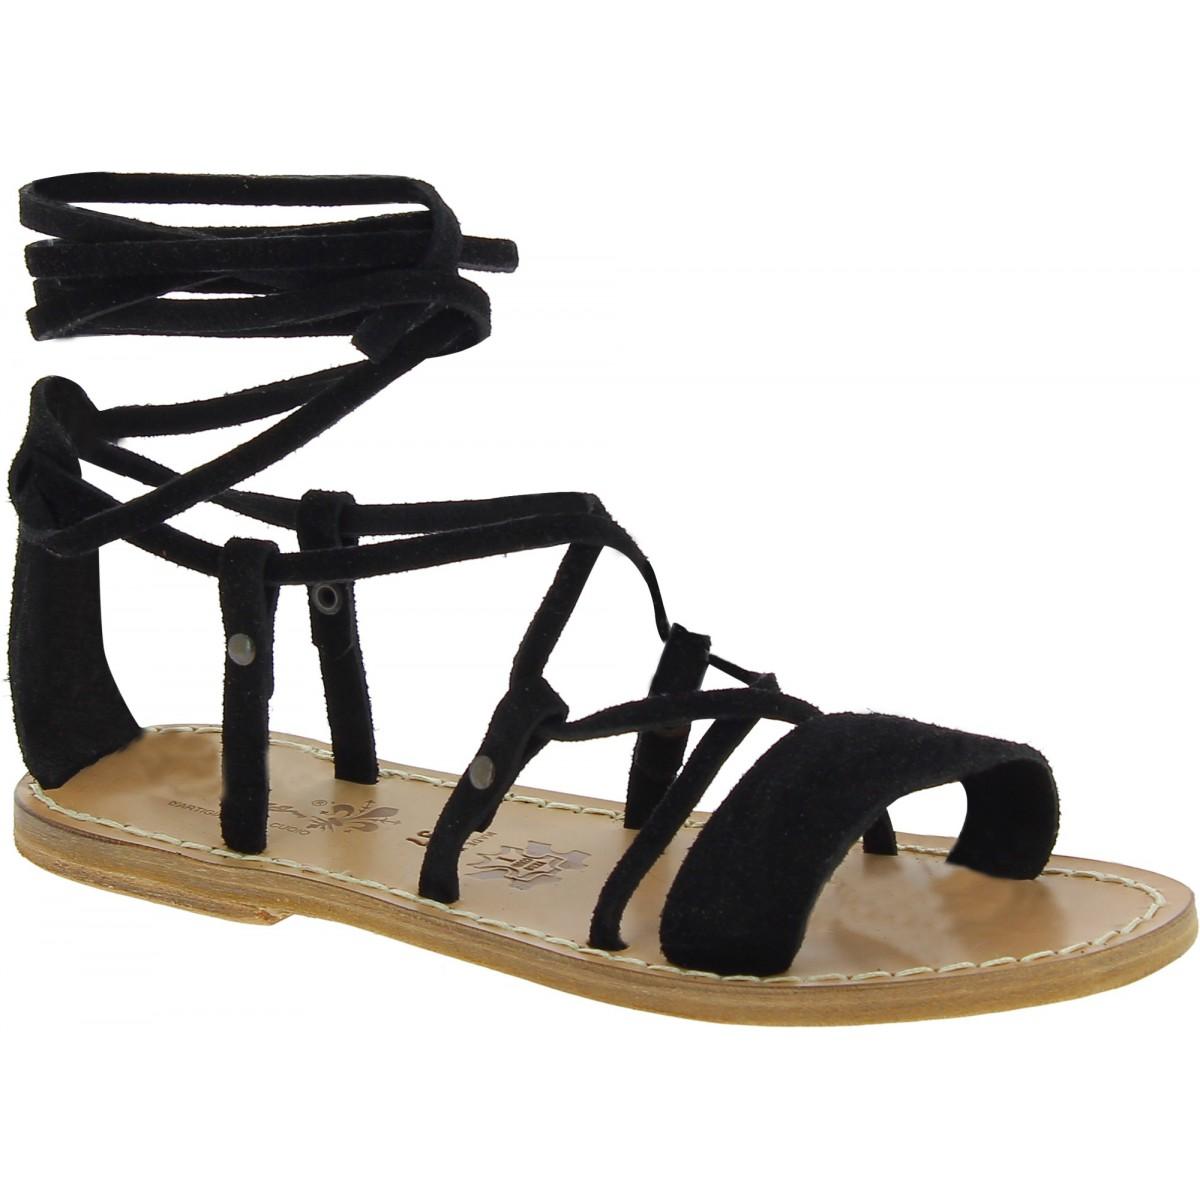 Contemporáneo grieta caja registradora  sandalias romanas mujer - Tienda Online de Zapatos, Ropa y Complementos de  marca